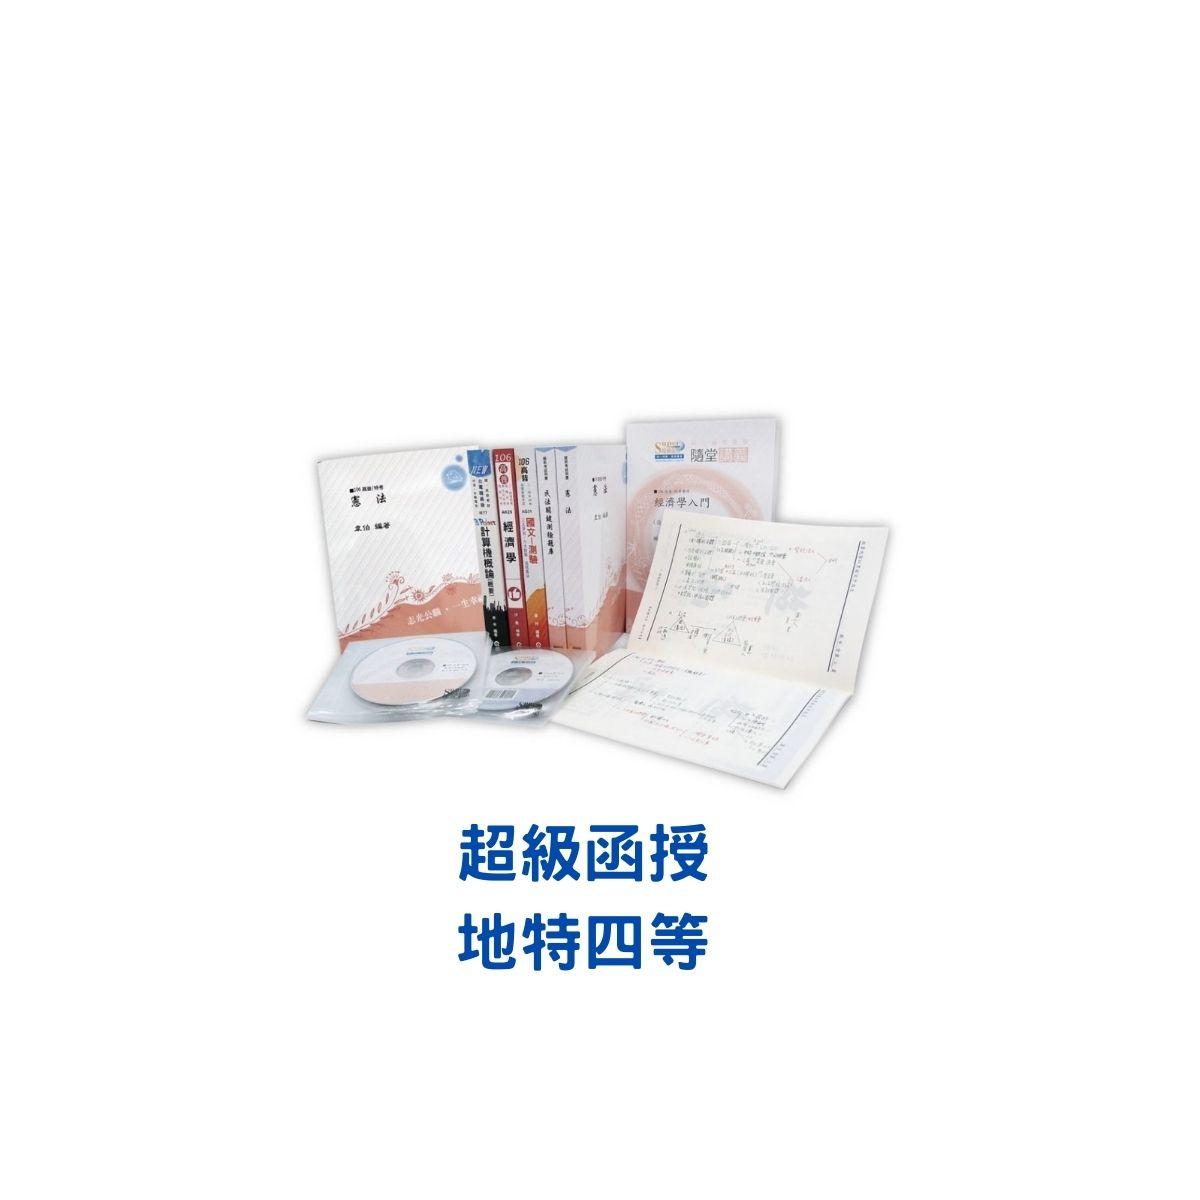 110/超級函授/地方政府特考-四等/機械工程/年度班/專業科目/雲端函授